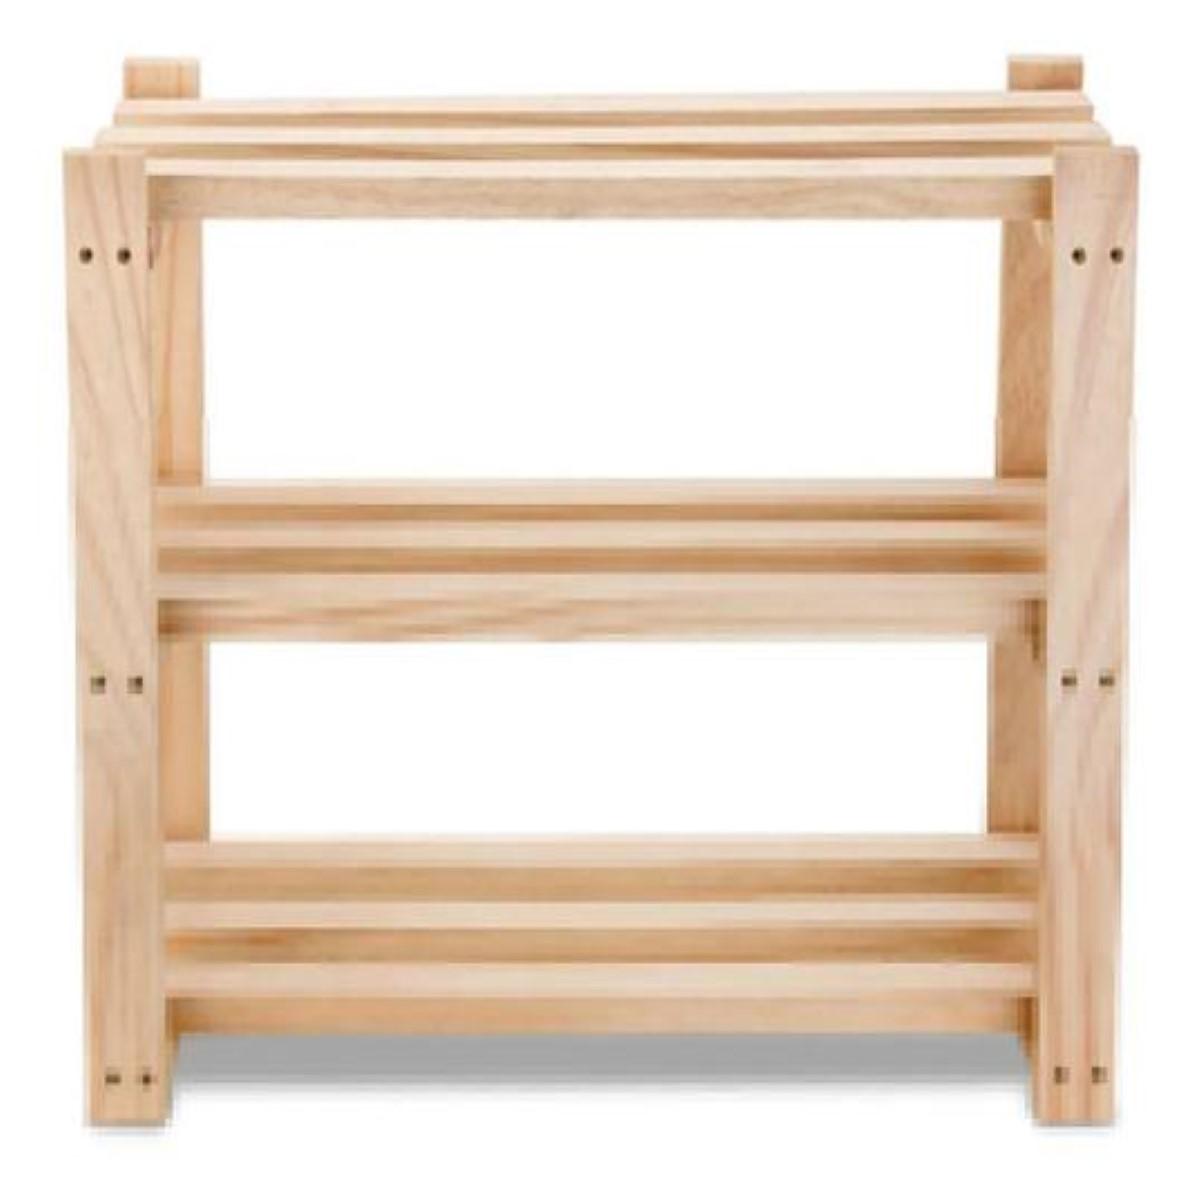 Sapateira de madeira para apartamento Estante 50x60x30